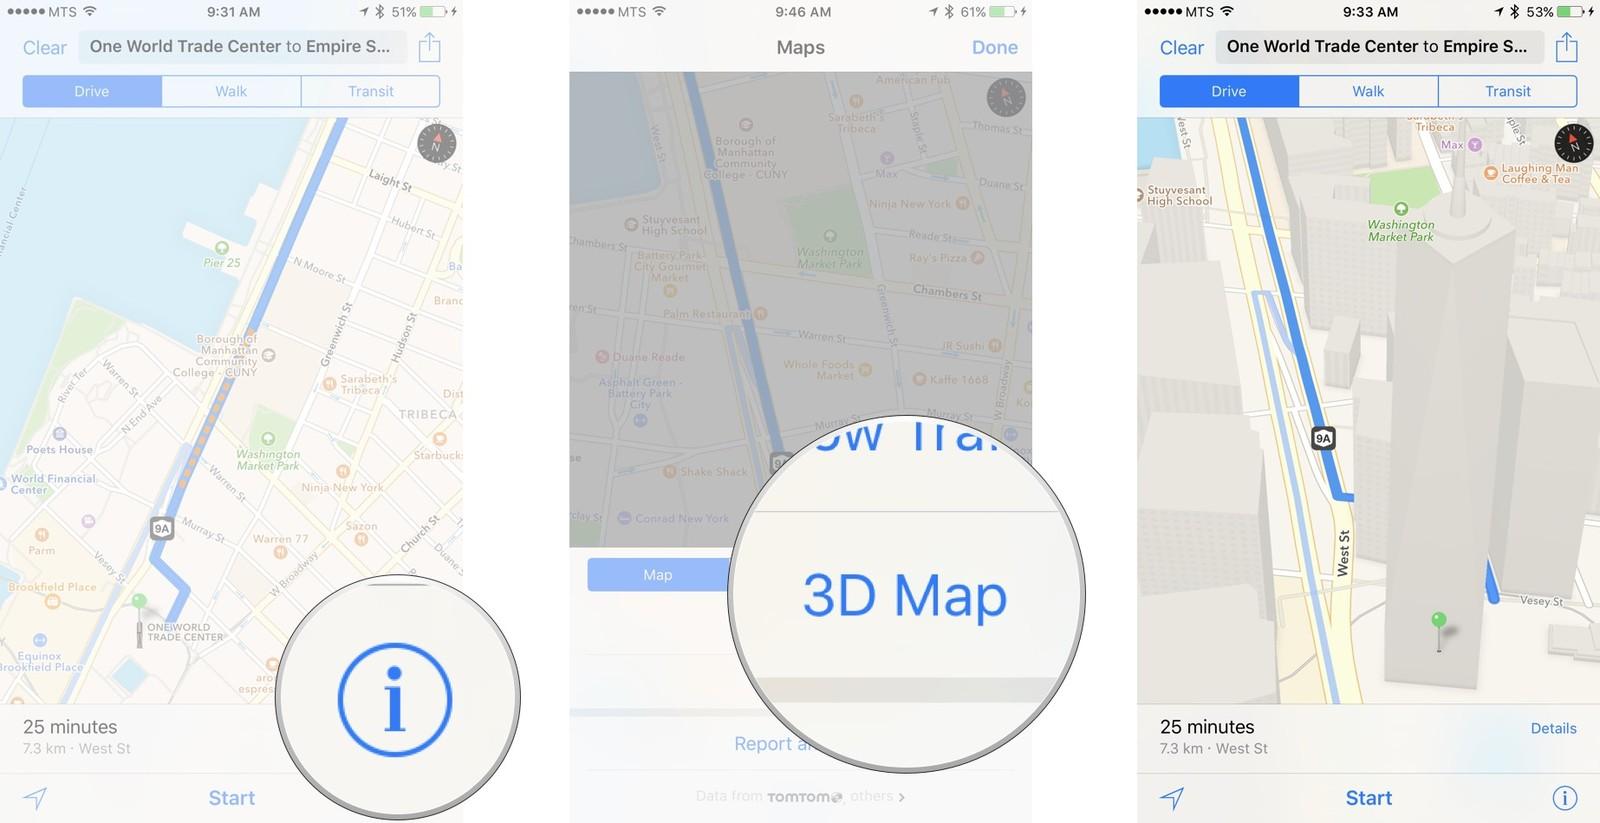 Как пользоваться Картами на iPhone и iPad - Выбор 3Д-карты